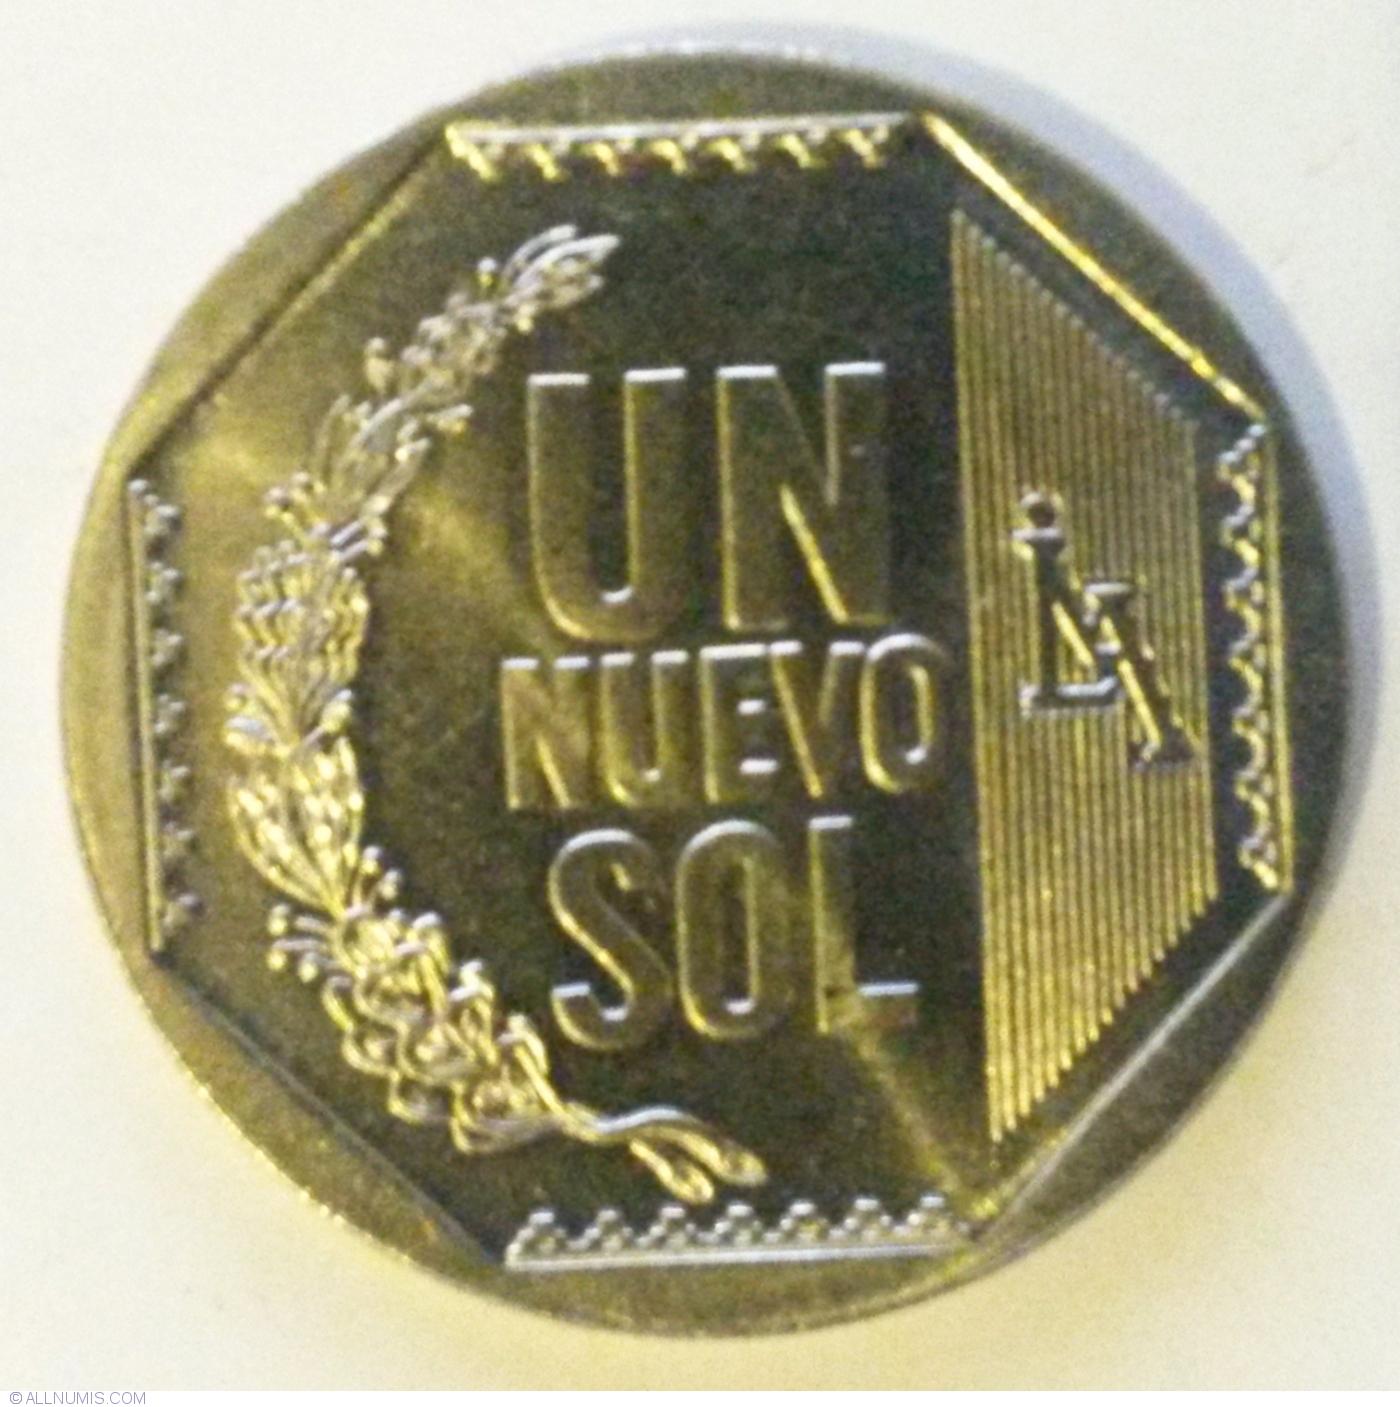 PERU COIN SET 1+5+10+20+50 Centesimo 1 Nuevo Sol 2007-2008 UNC LOT of 6 COINS